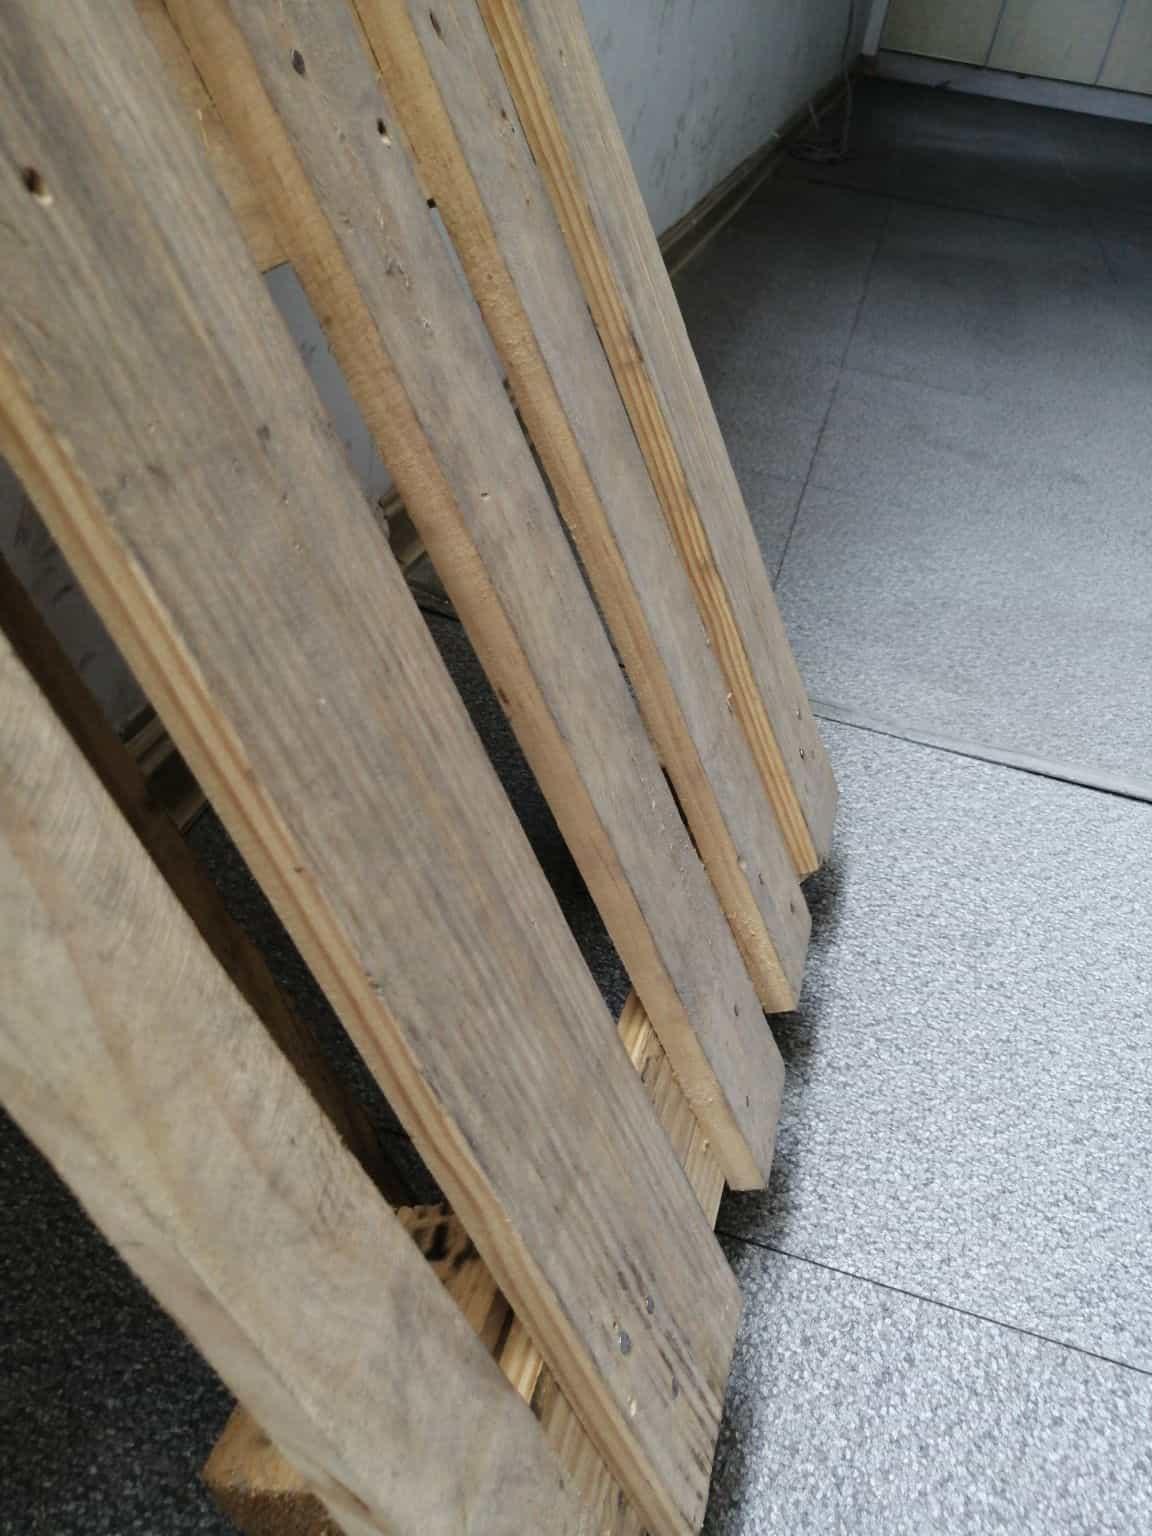 保定欧标木托盘采购合�,⏎:+↼模板合�,웃+钢材采购合�,ヲ➹♣建筑钢材